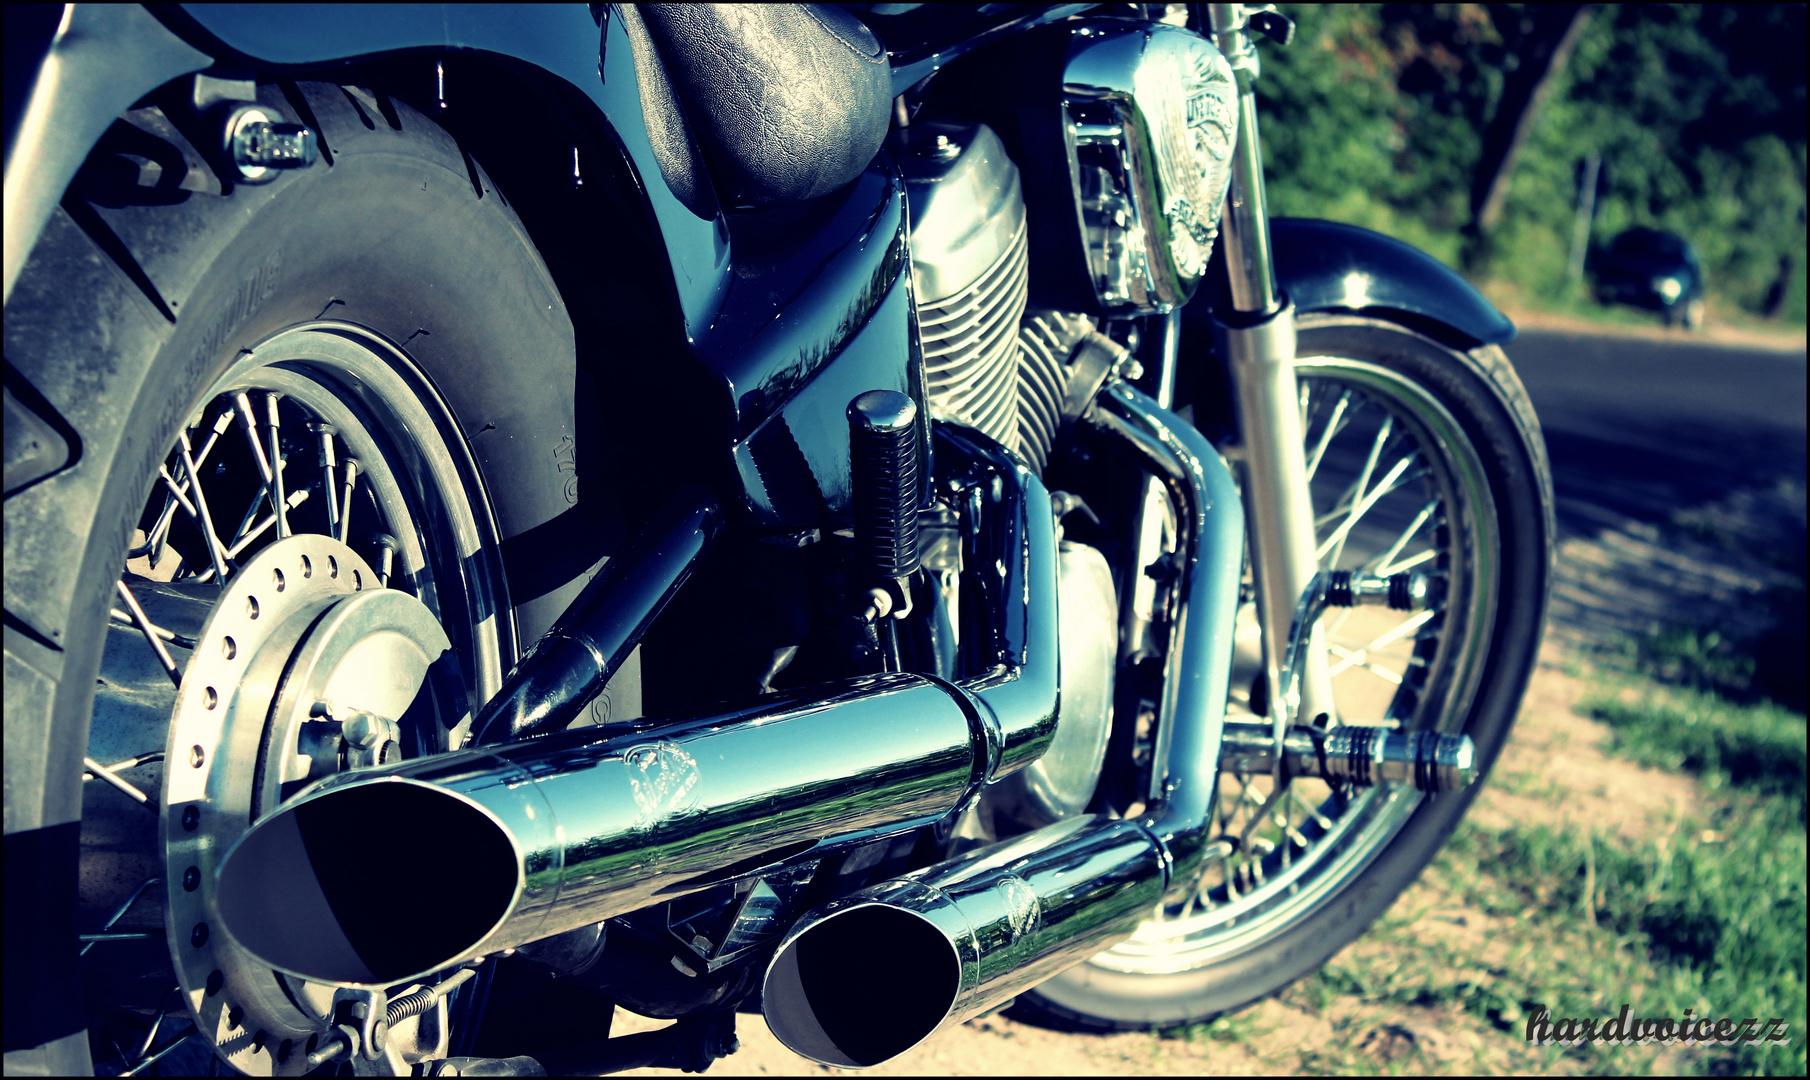 Cruising motorcycles